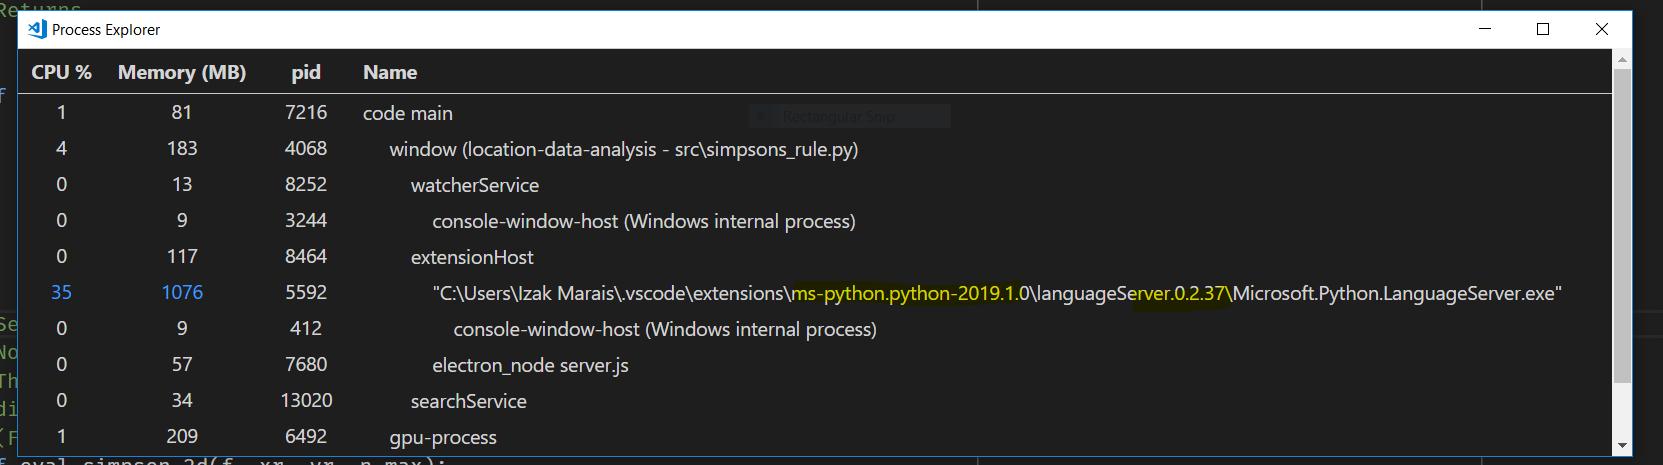 Downgrade Python Language Server command · Issue #4986